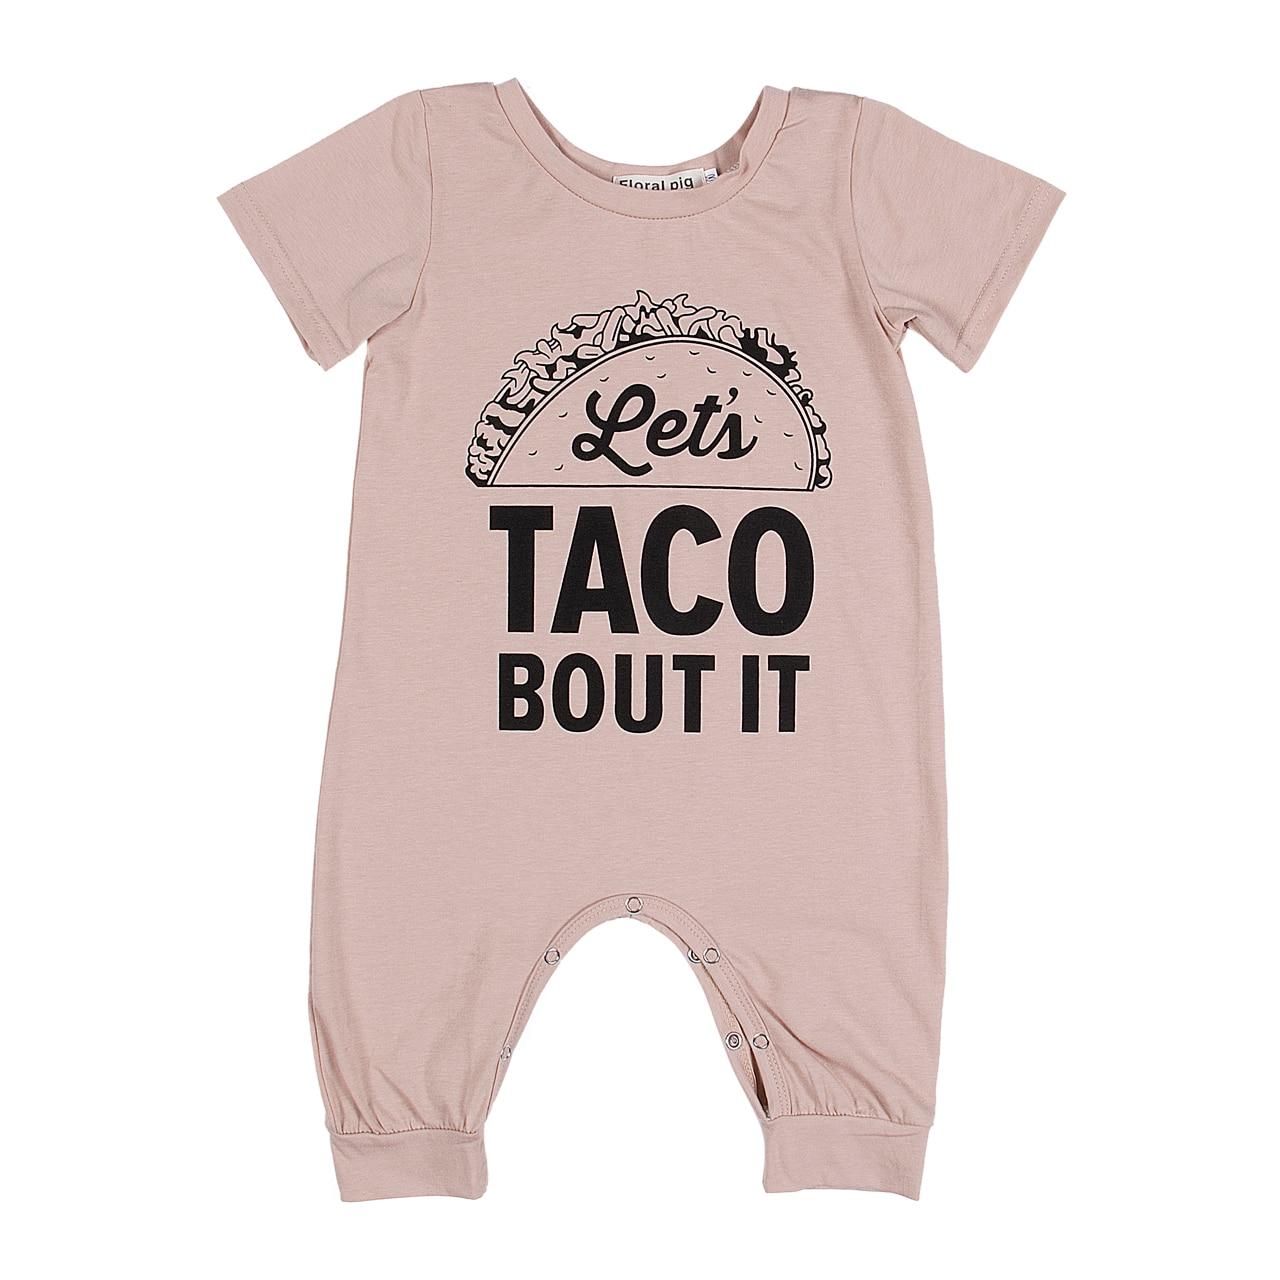 1e0a6e442086 2018 Nsummer bulk summer Newborn Infant Baby Boy Girl Kids Cotton taco bout  it Romper Jumpsuit Clothes Outfit 6-18M